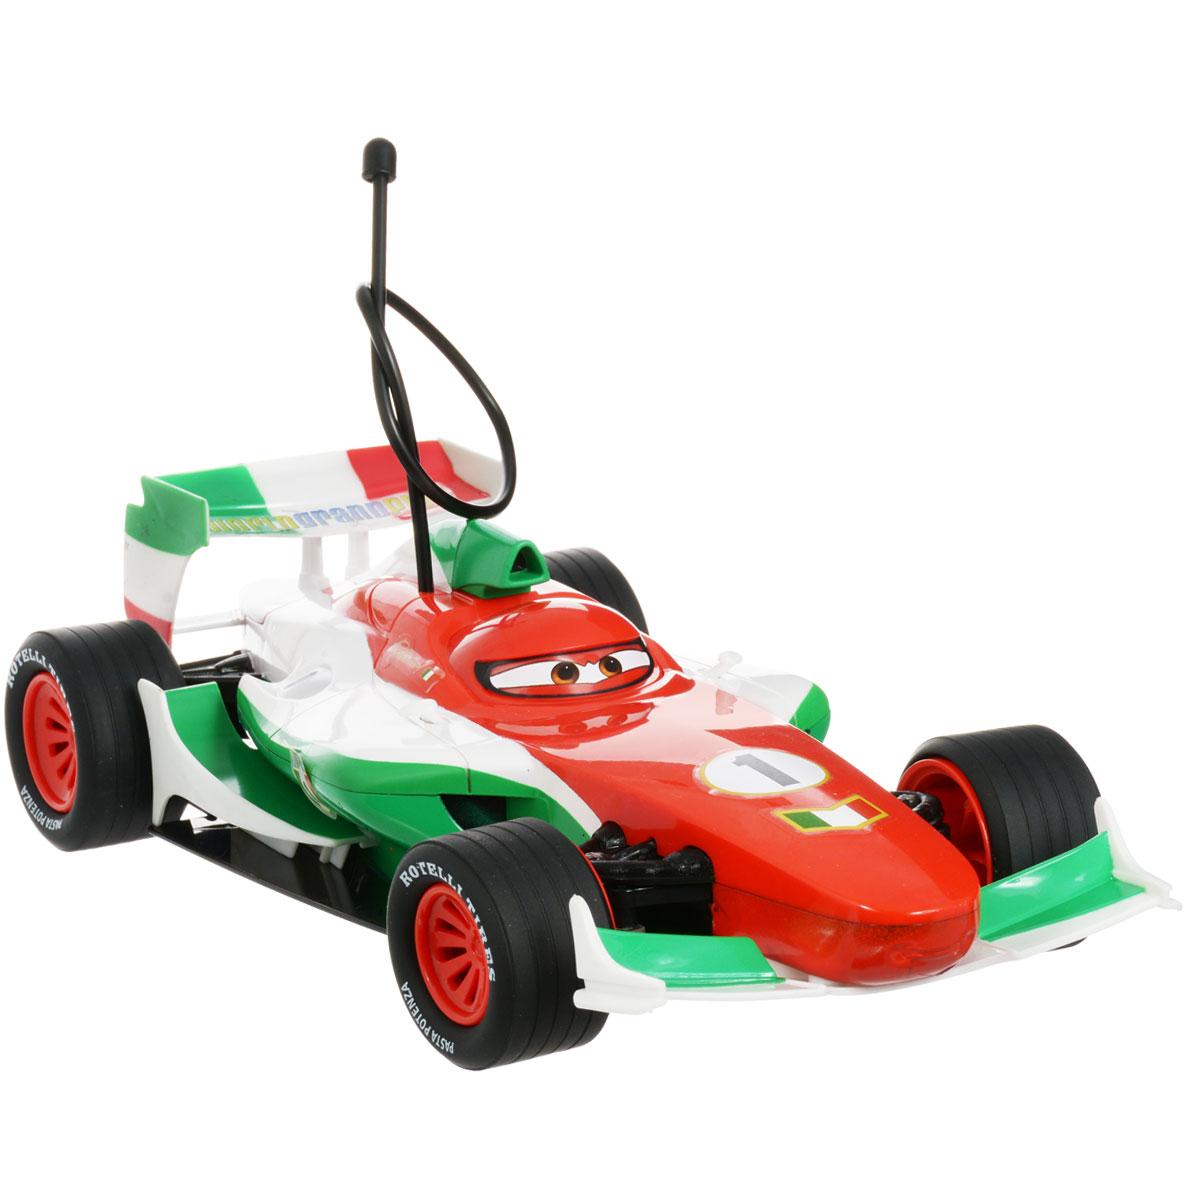 """Радиоуправляемая модель Cars """"Франческо"""" не оставит равнодушным вашего ребенка. Машинка выполнена в виде героя популярного мультфильма """"Тачки 2"""" (""""Cars 2"""") - итальянского гонщика Франческо Бернулли. Машинка изготовлена из прочного пластика, шины выполнены из мягкой резины. Модель при помощи пульта управления может двигаться вперед, назад, поворачивать влево и вправо, разворачиваться и останавливаться. Световые и звуковые эффекты сделают игру еще интереснее. Ваш ребенок часами будет играть с моделью, придумывая различные истории и устраивая соревнования. Порадуйте его таким замечательным подарком!"""